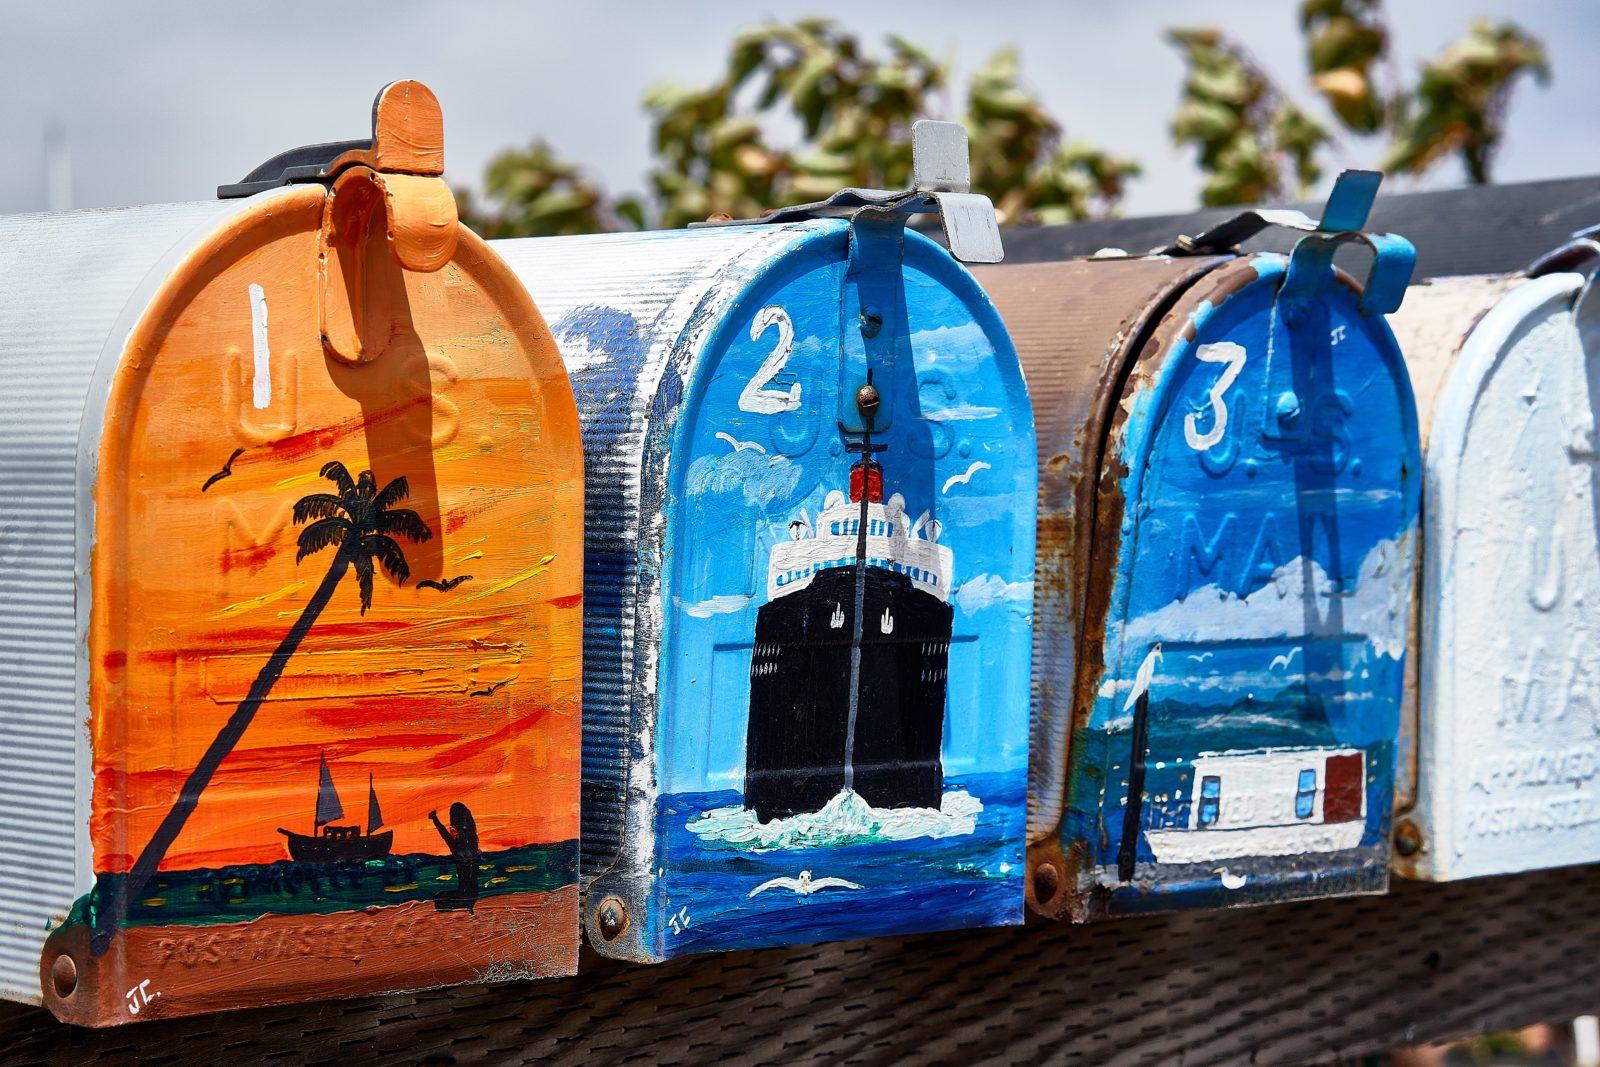 Quatre boîtes aux lettres de couleur